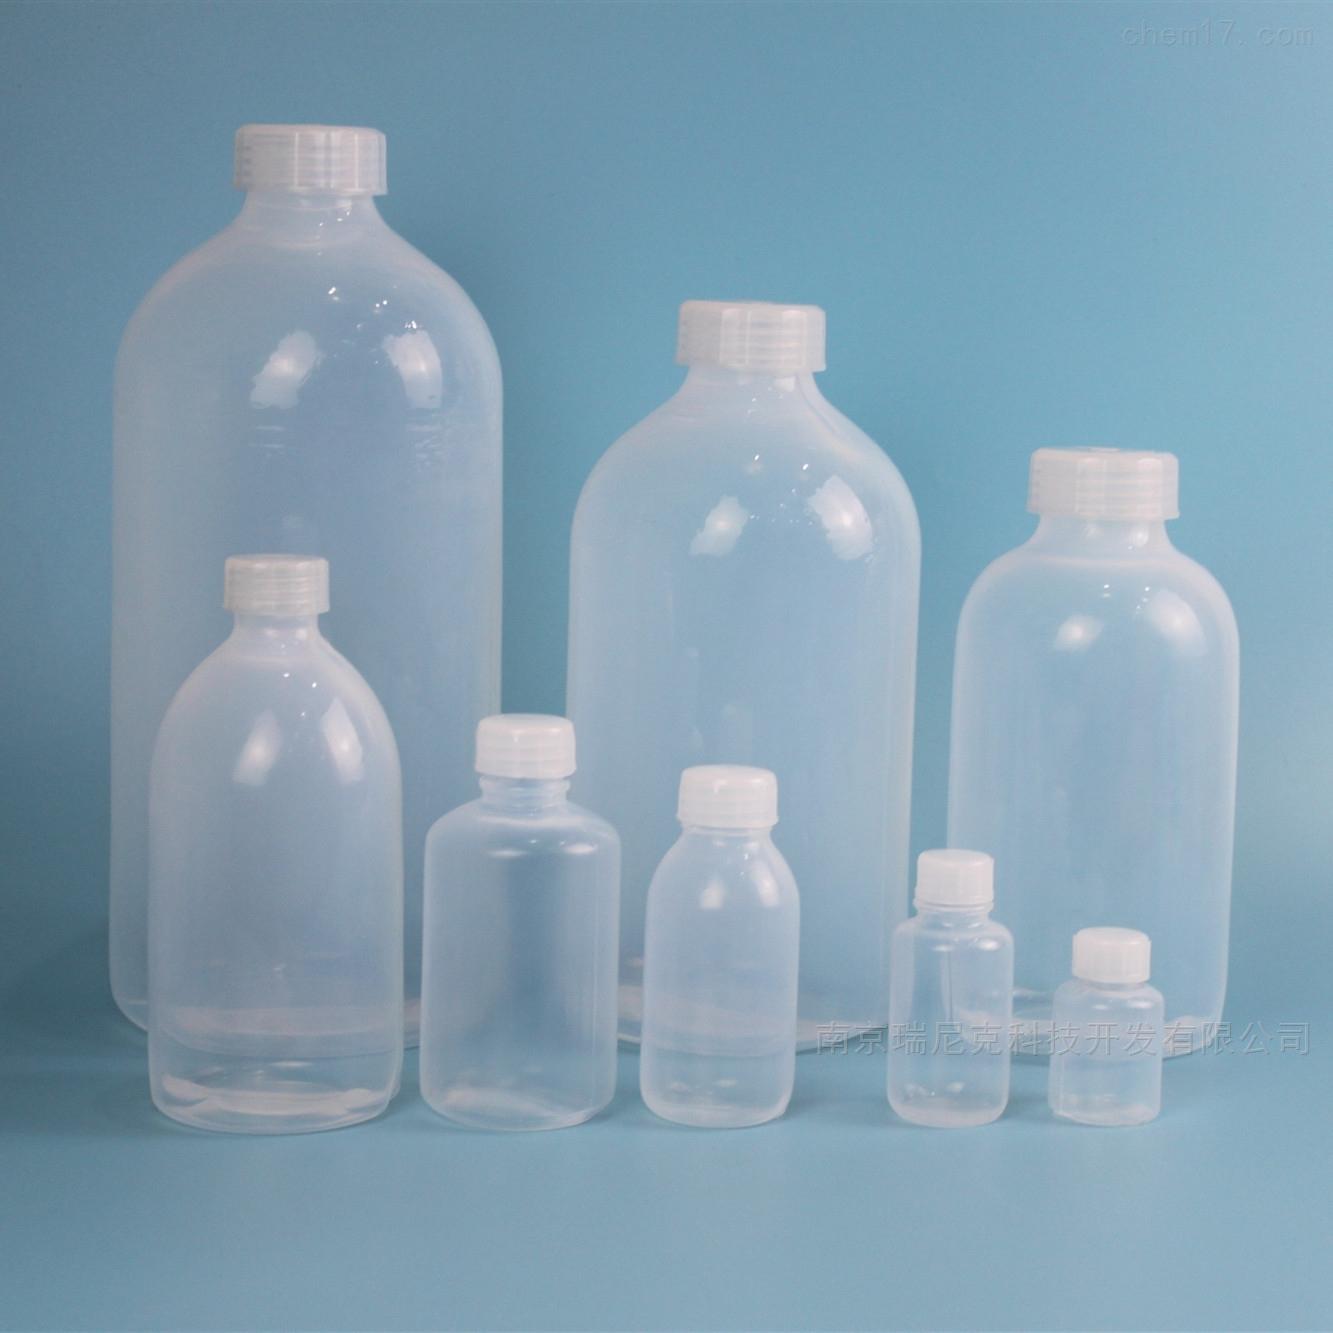 FEP特氟龙试剂瓶耐酸碱